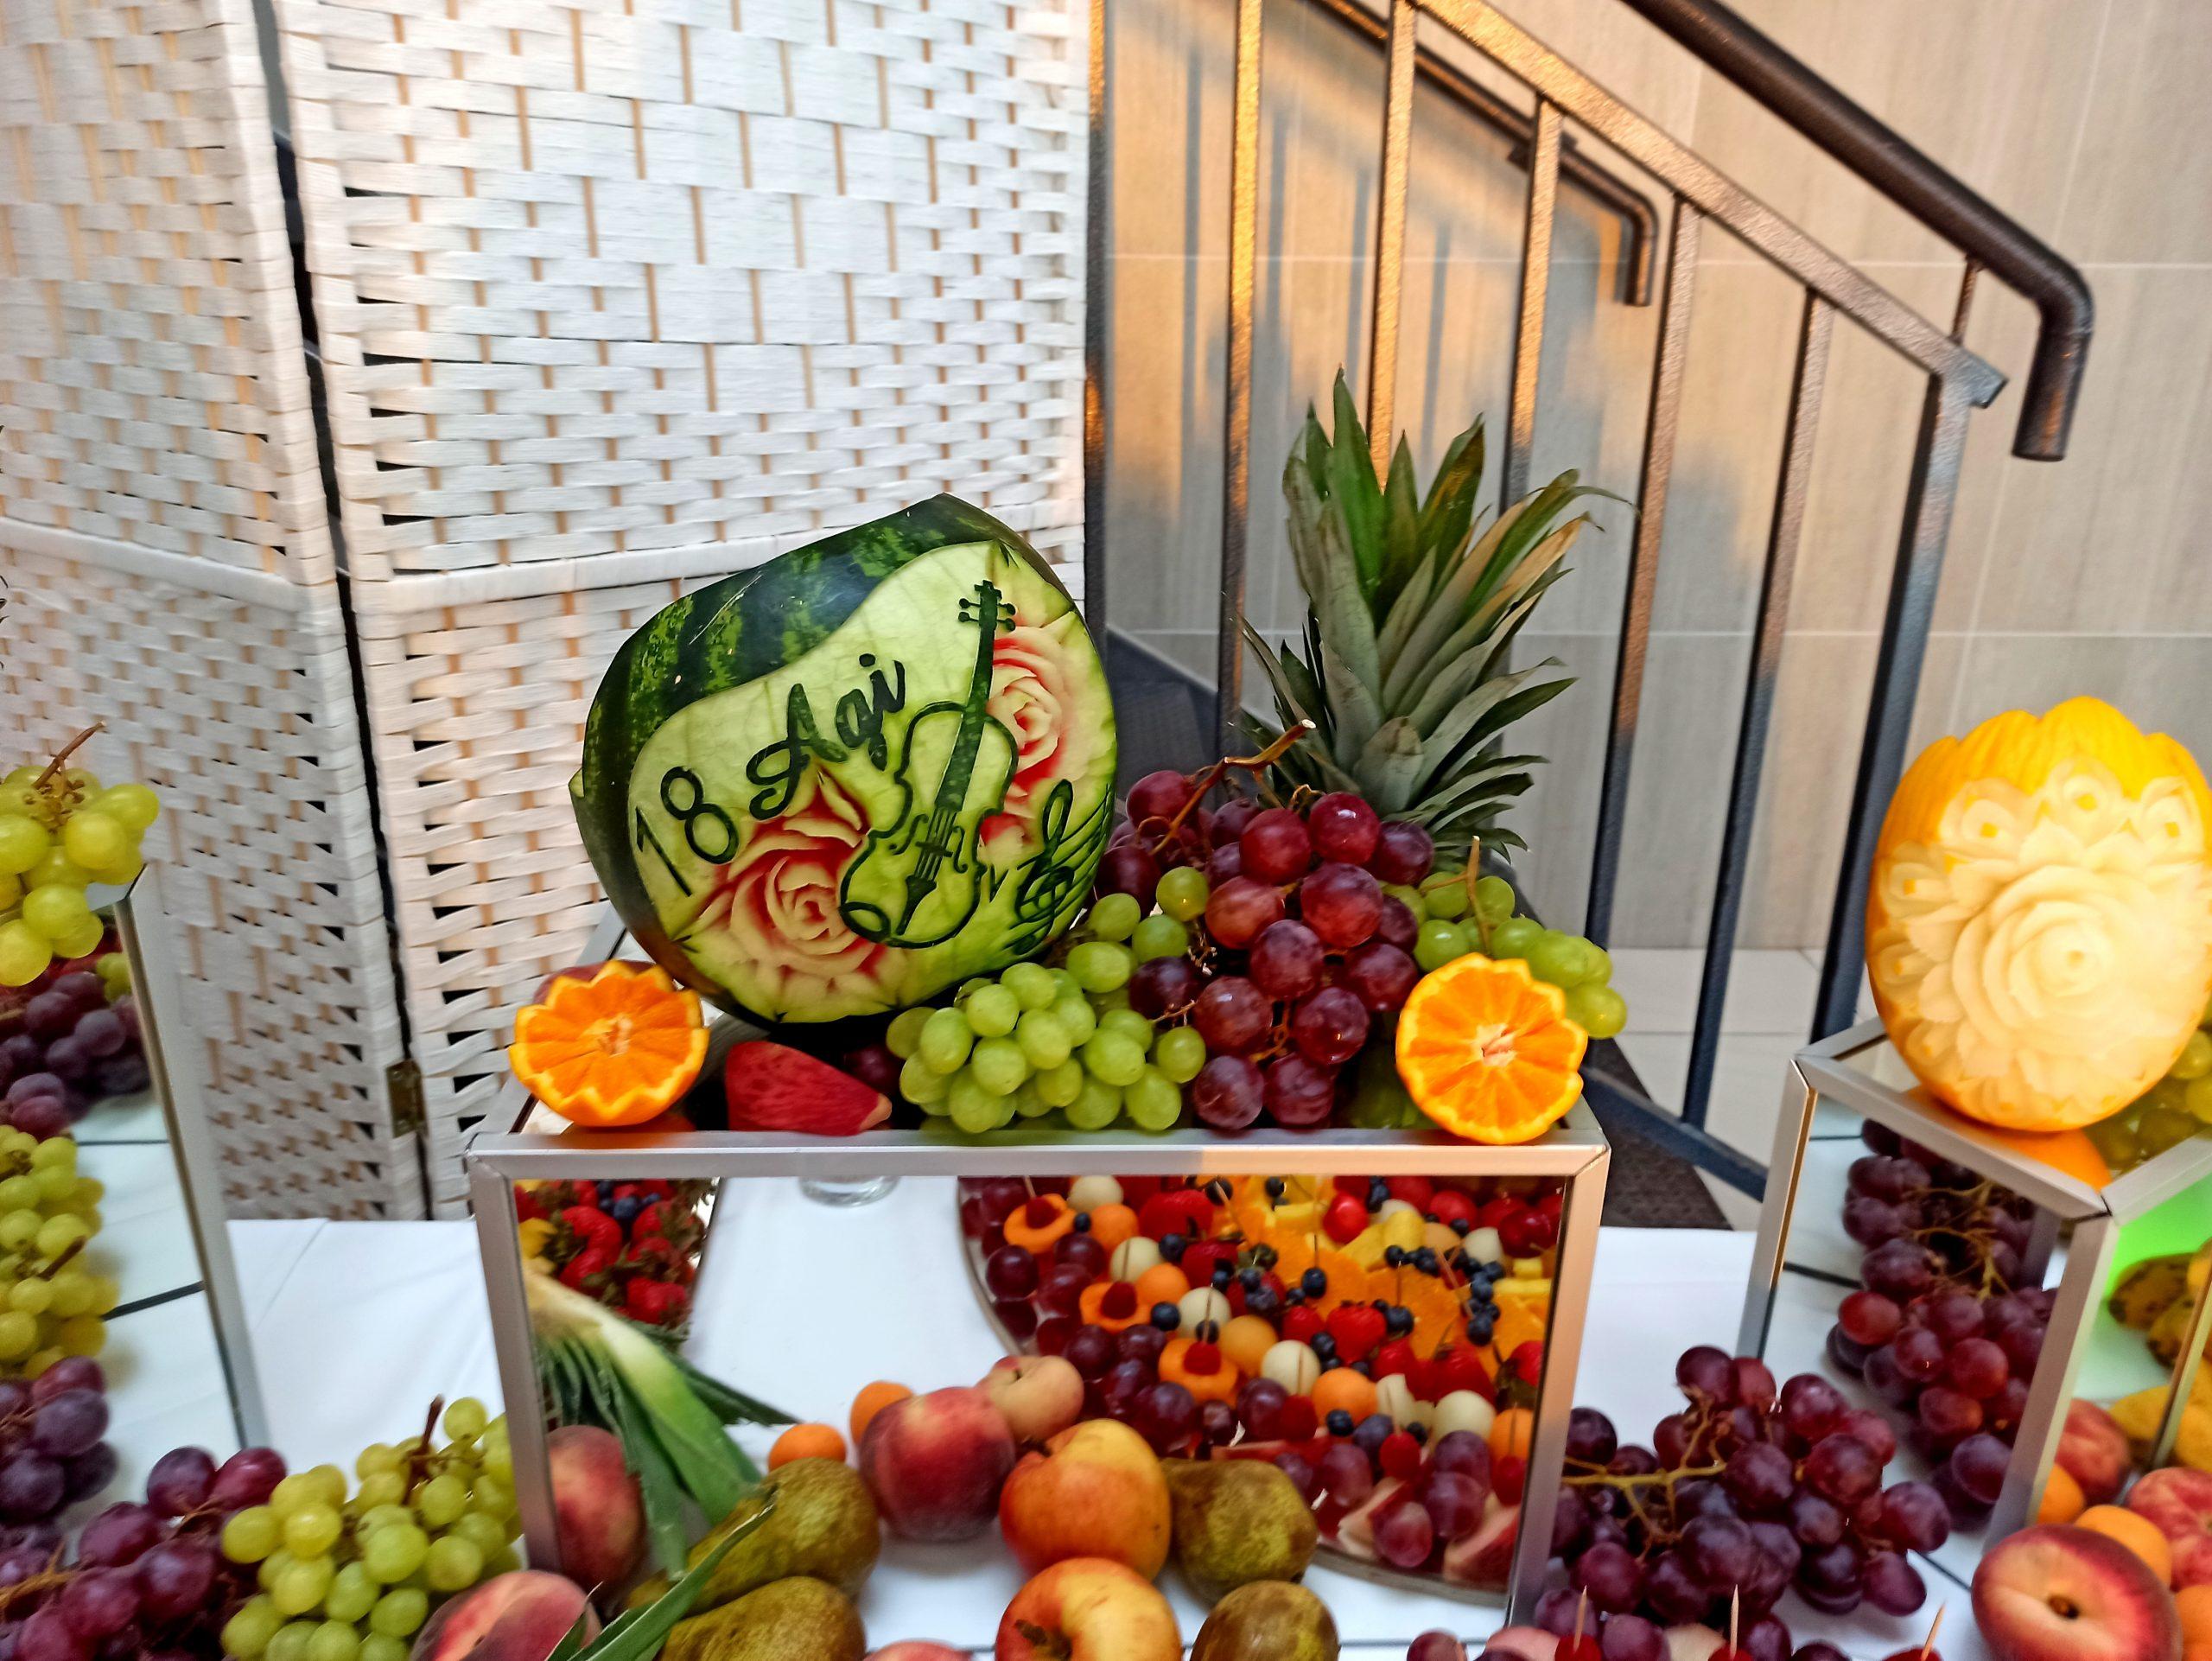 fontanna czekoladowa, stół owocowy, fruit carving, palma owocowa, atrakcje na 18stkę, dekoracje balonowe na 18stkę, bukiety balonowe na 18stkę, Koło, Konin, Łódź, Kalisz, Włocławek